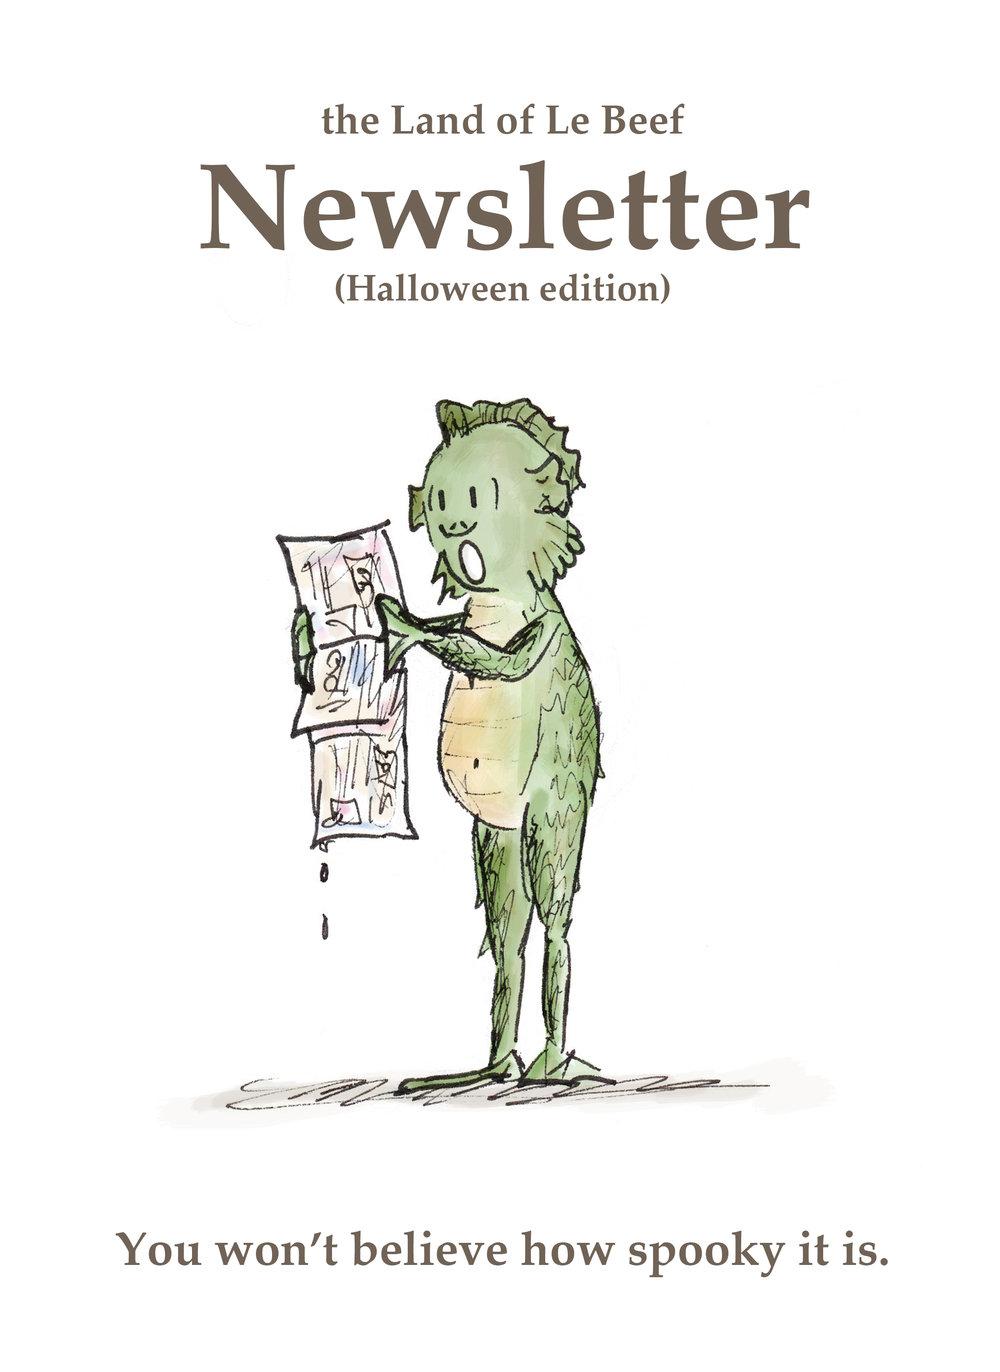 1610_Newsletter-Ad_03.jpg